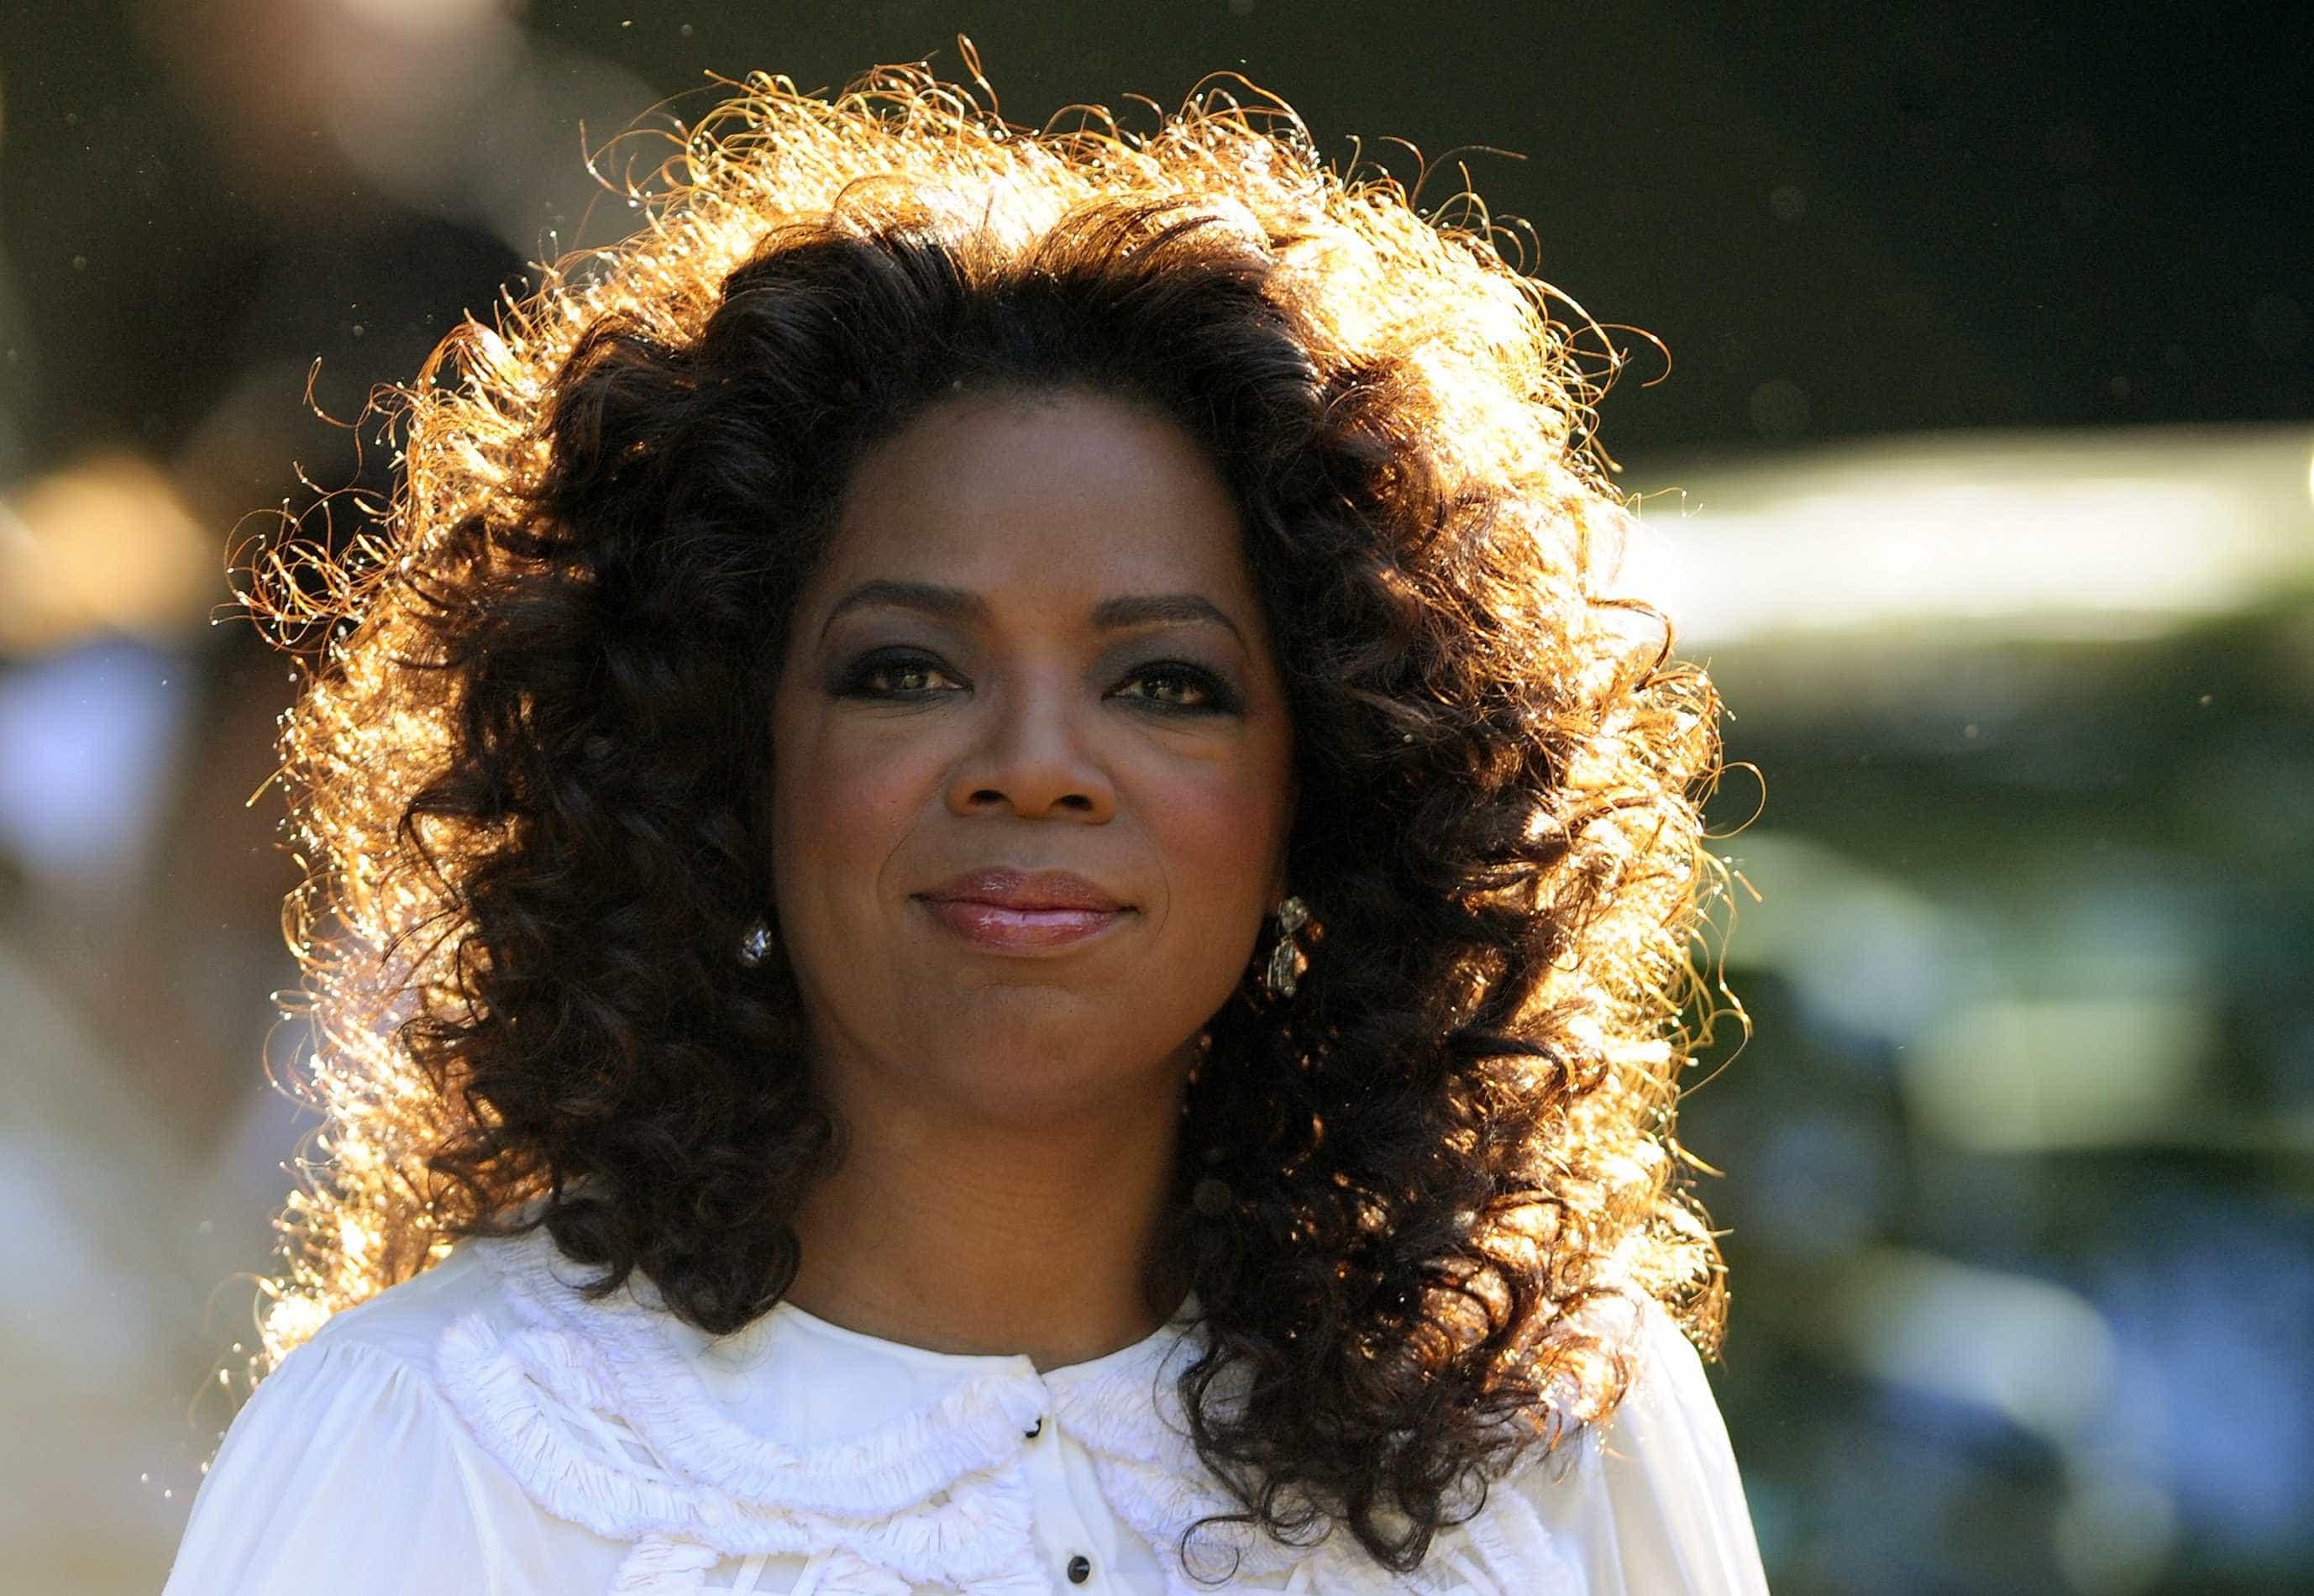 Oprah deleta vídeo com João de Deus: 'Espero que justiça seja feita'